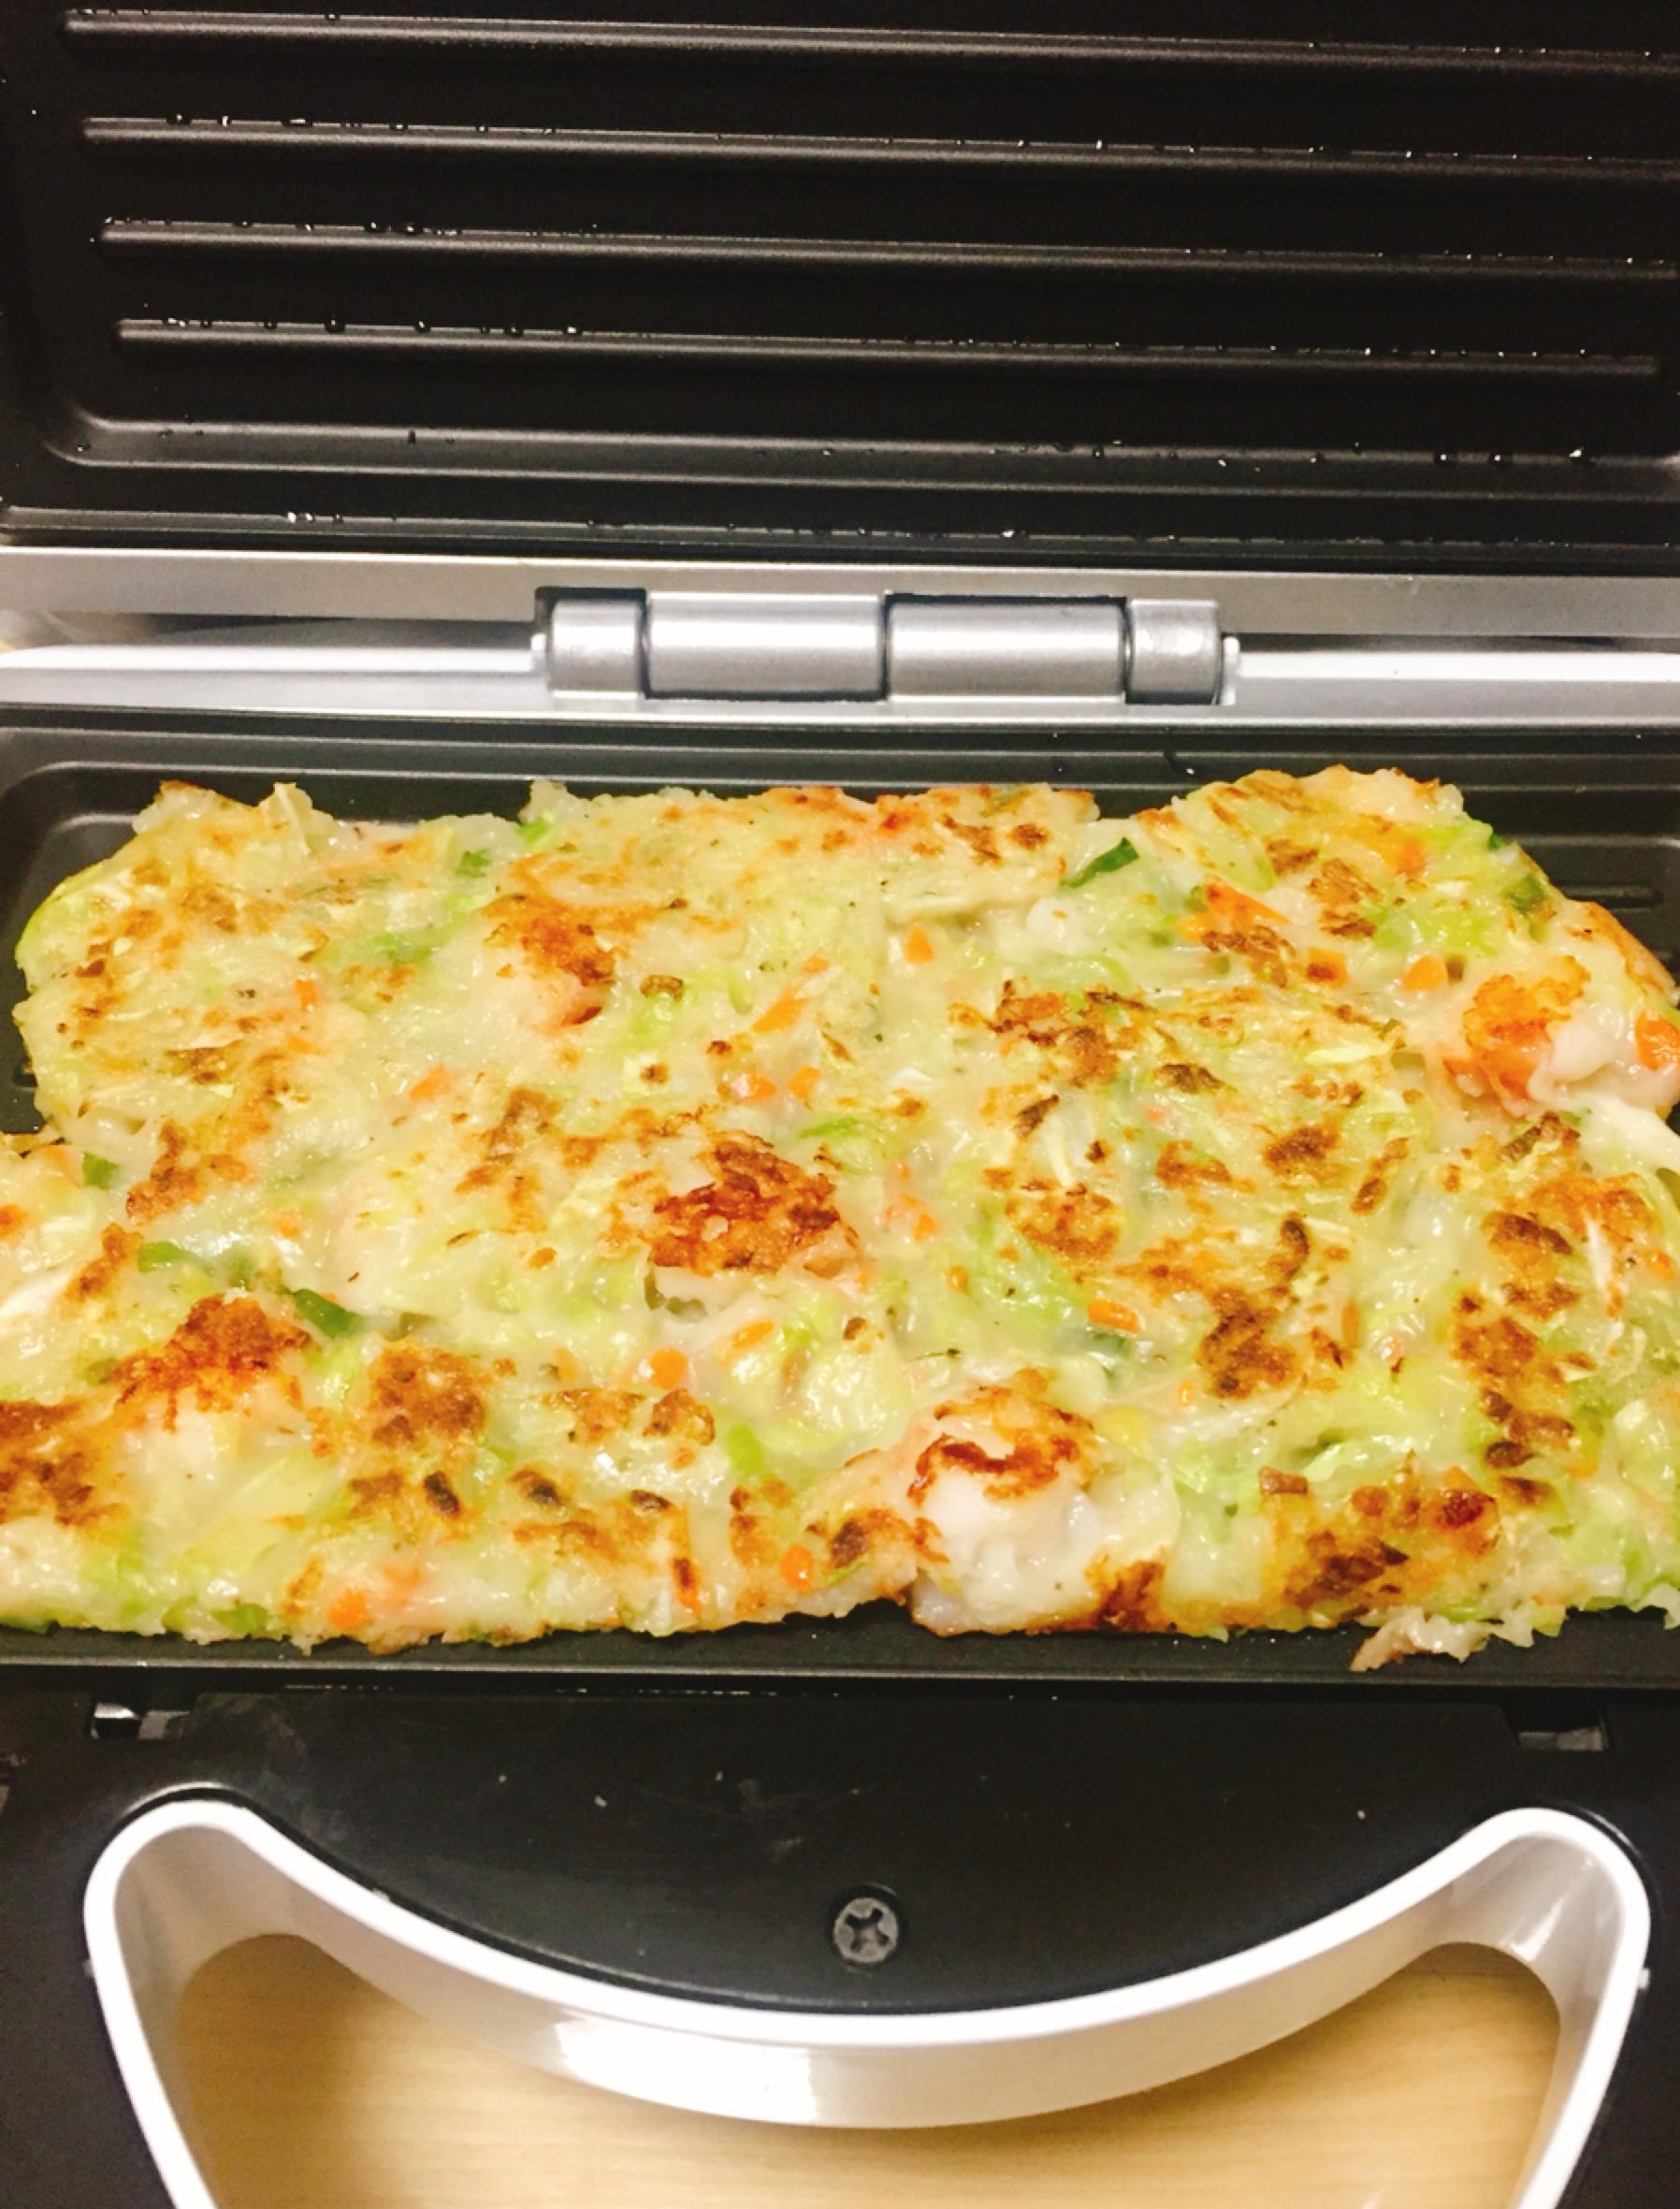 韓式蔬菜海鮮煎餅倒入獅子心鬆餅機二次加熱